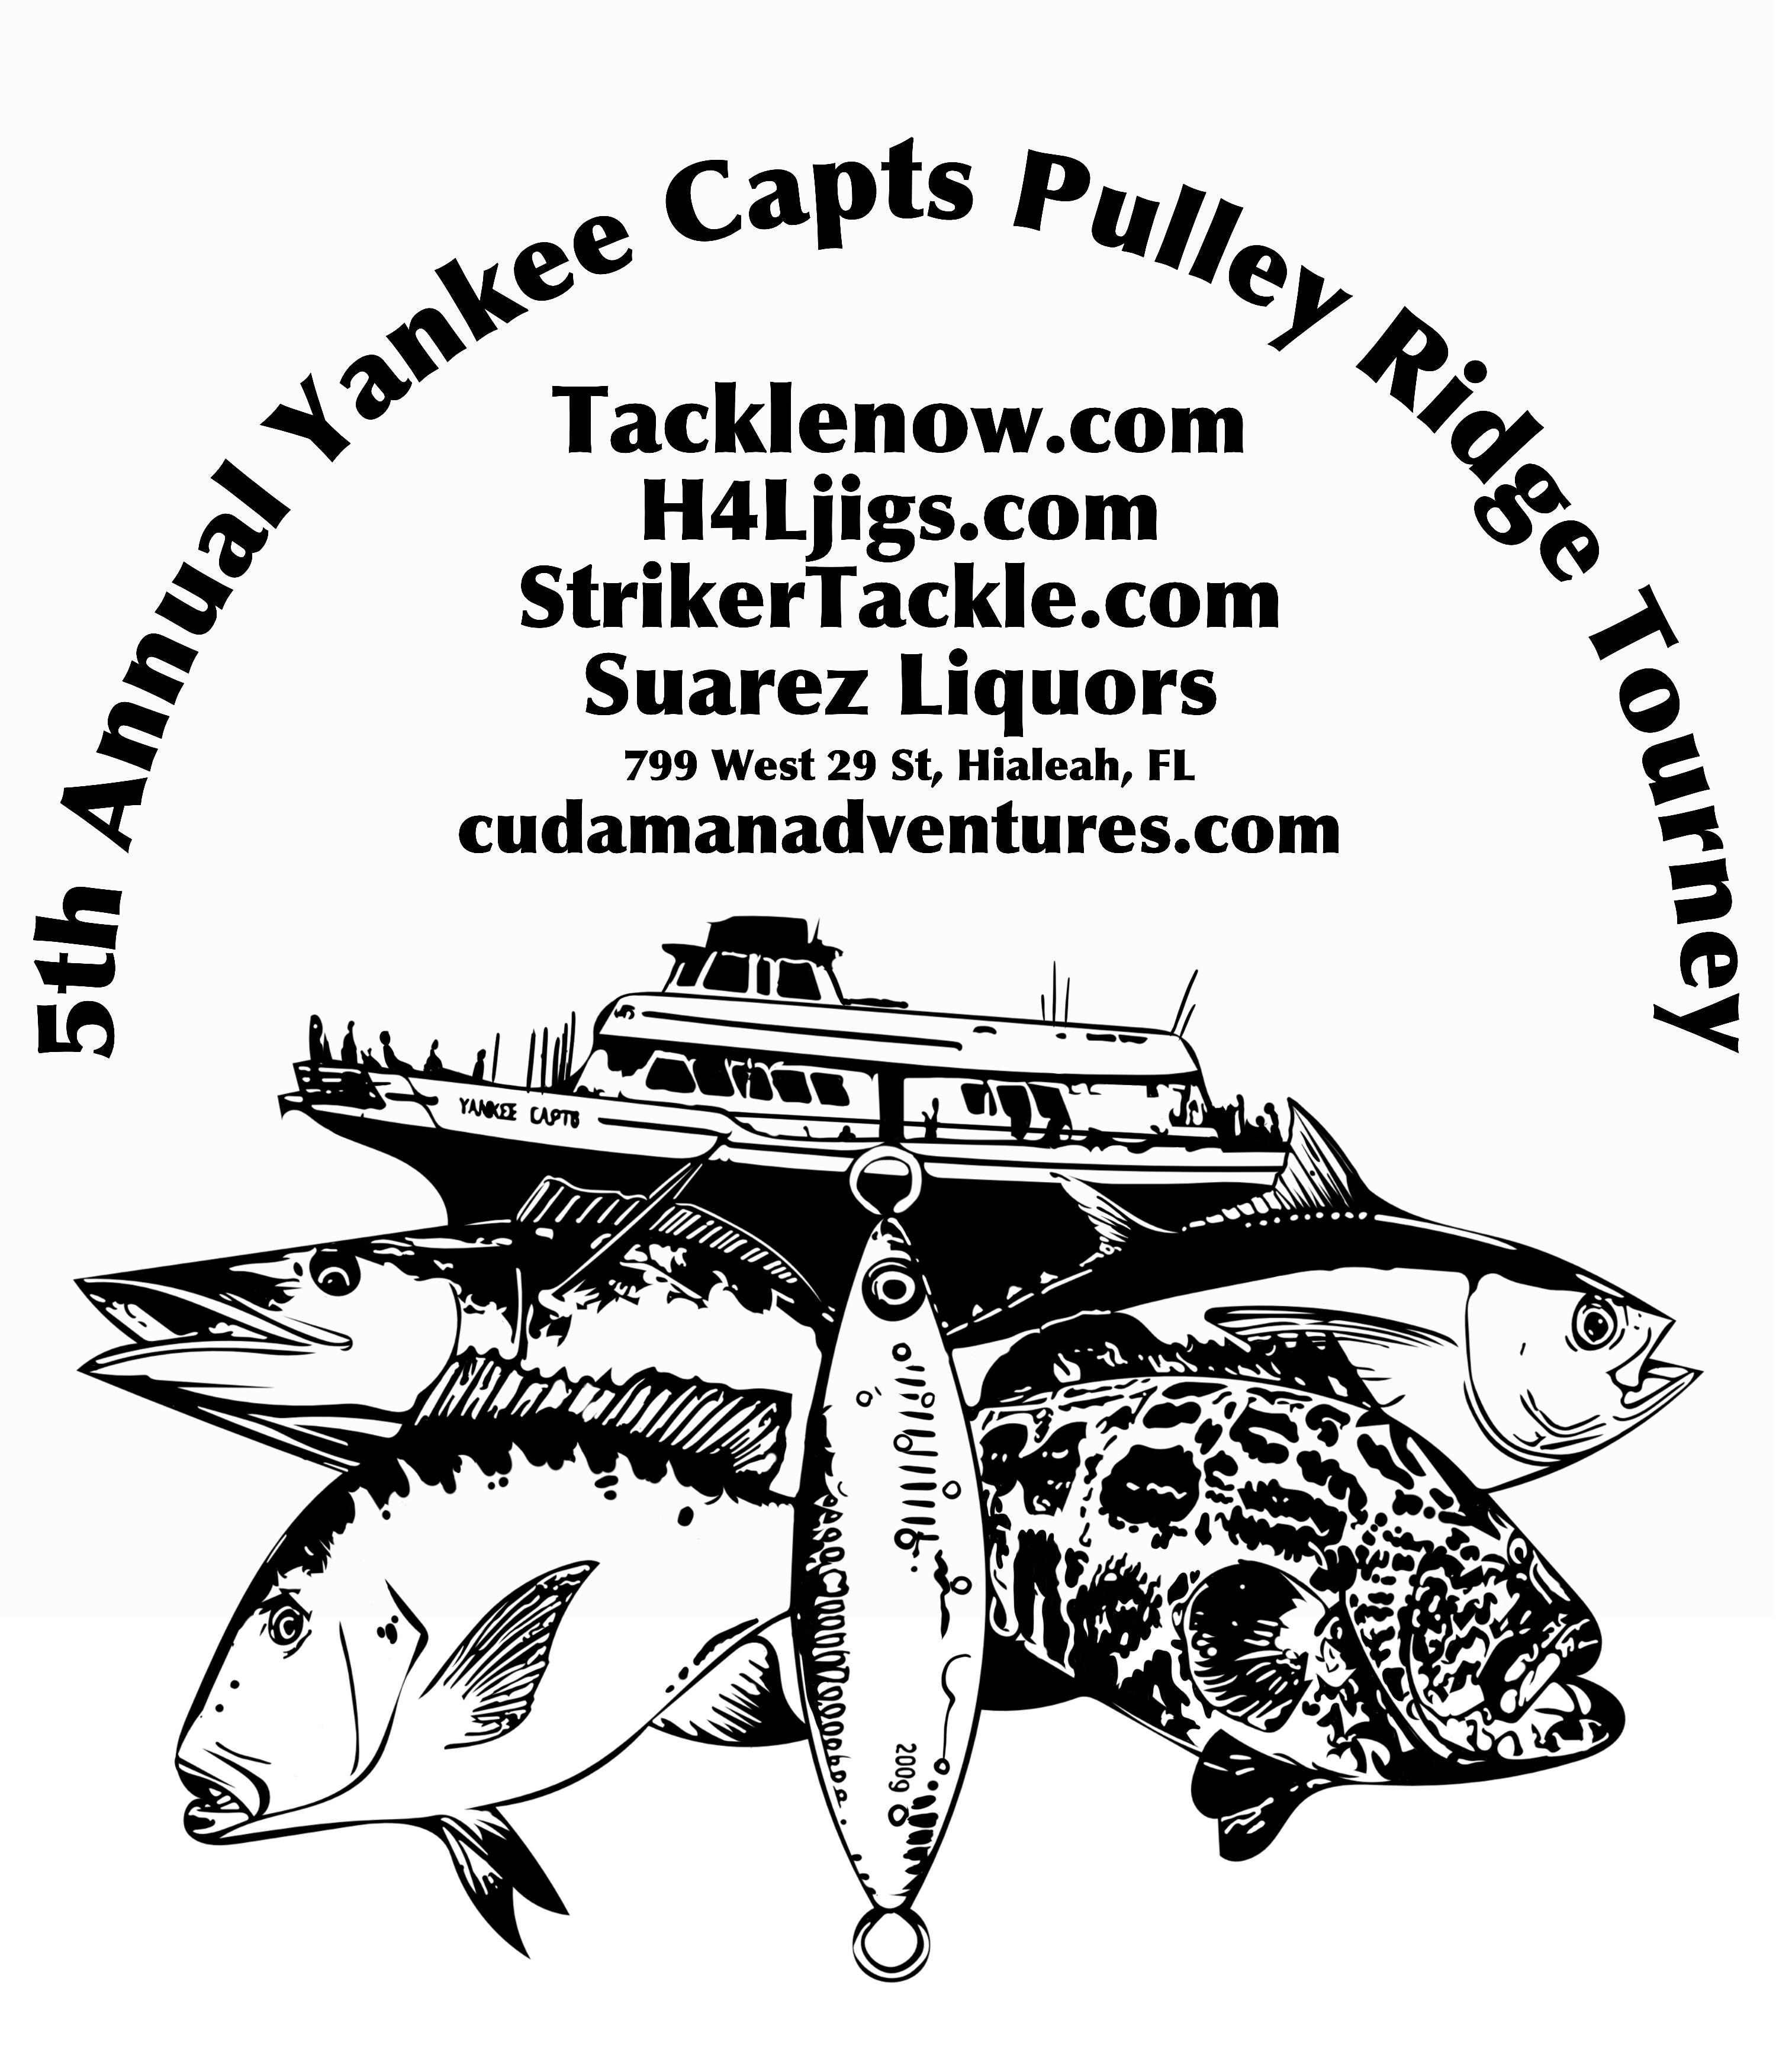 Yankee Capts T-shirt logo